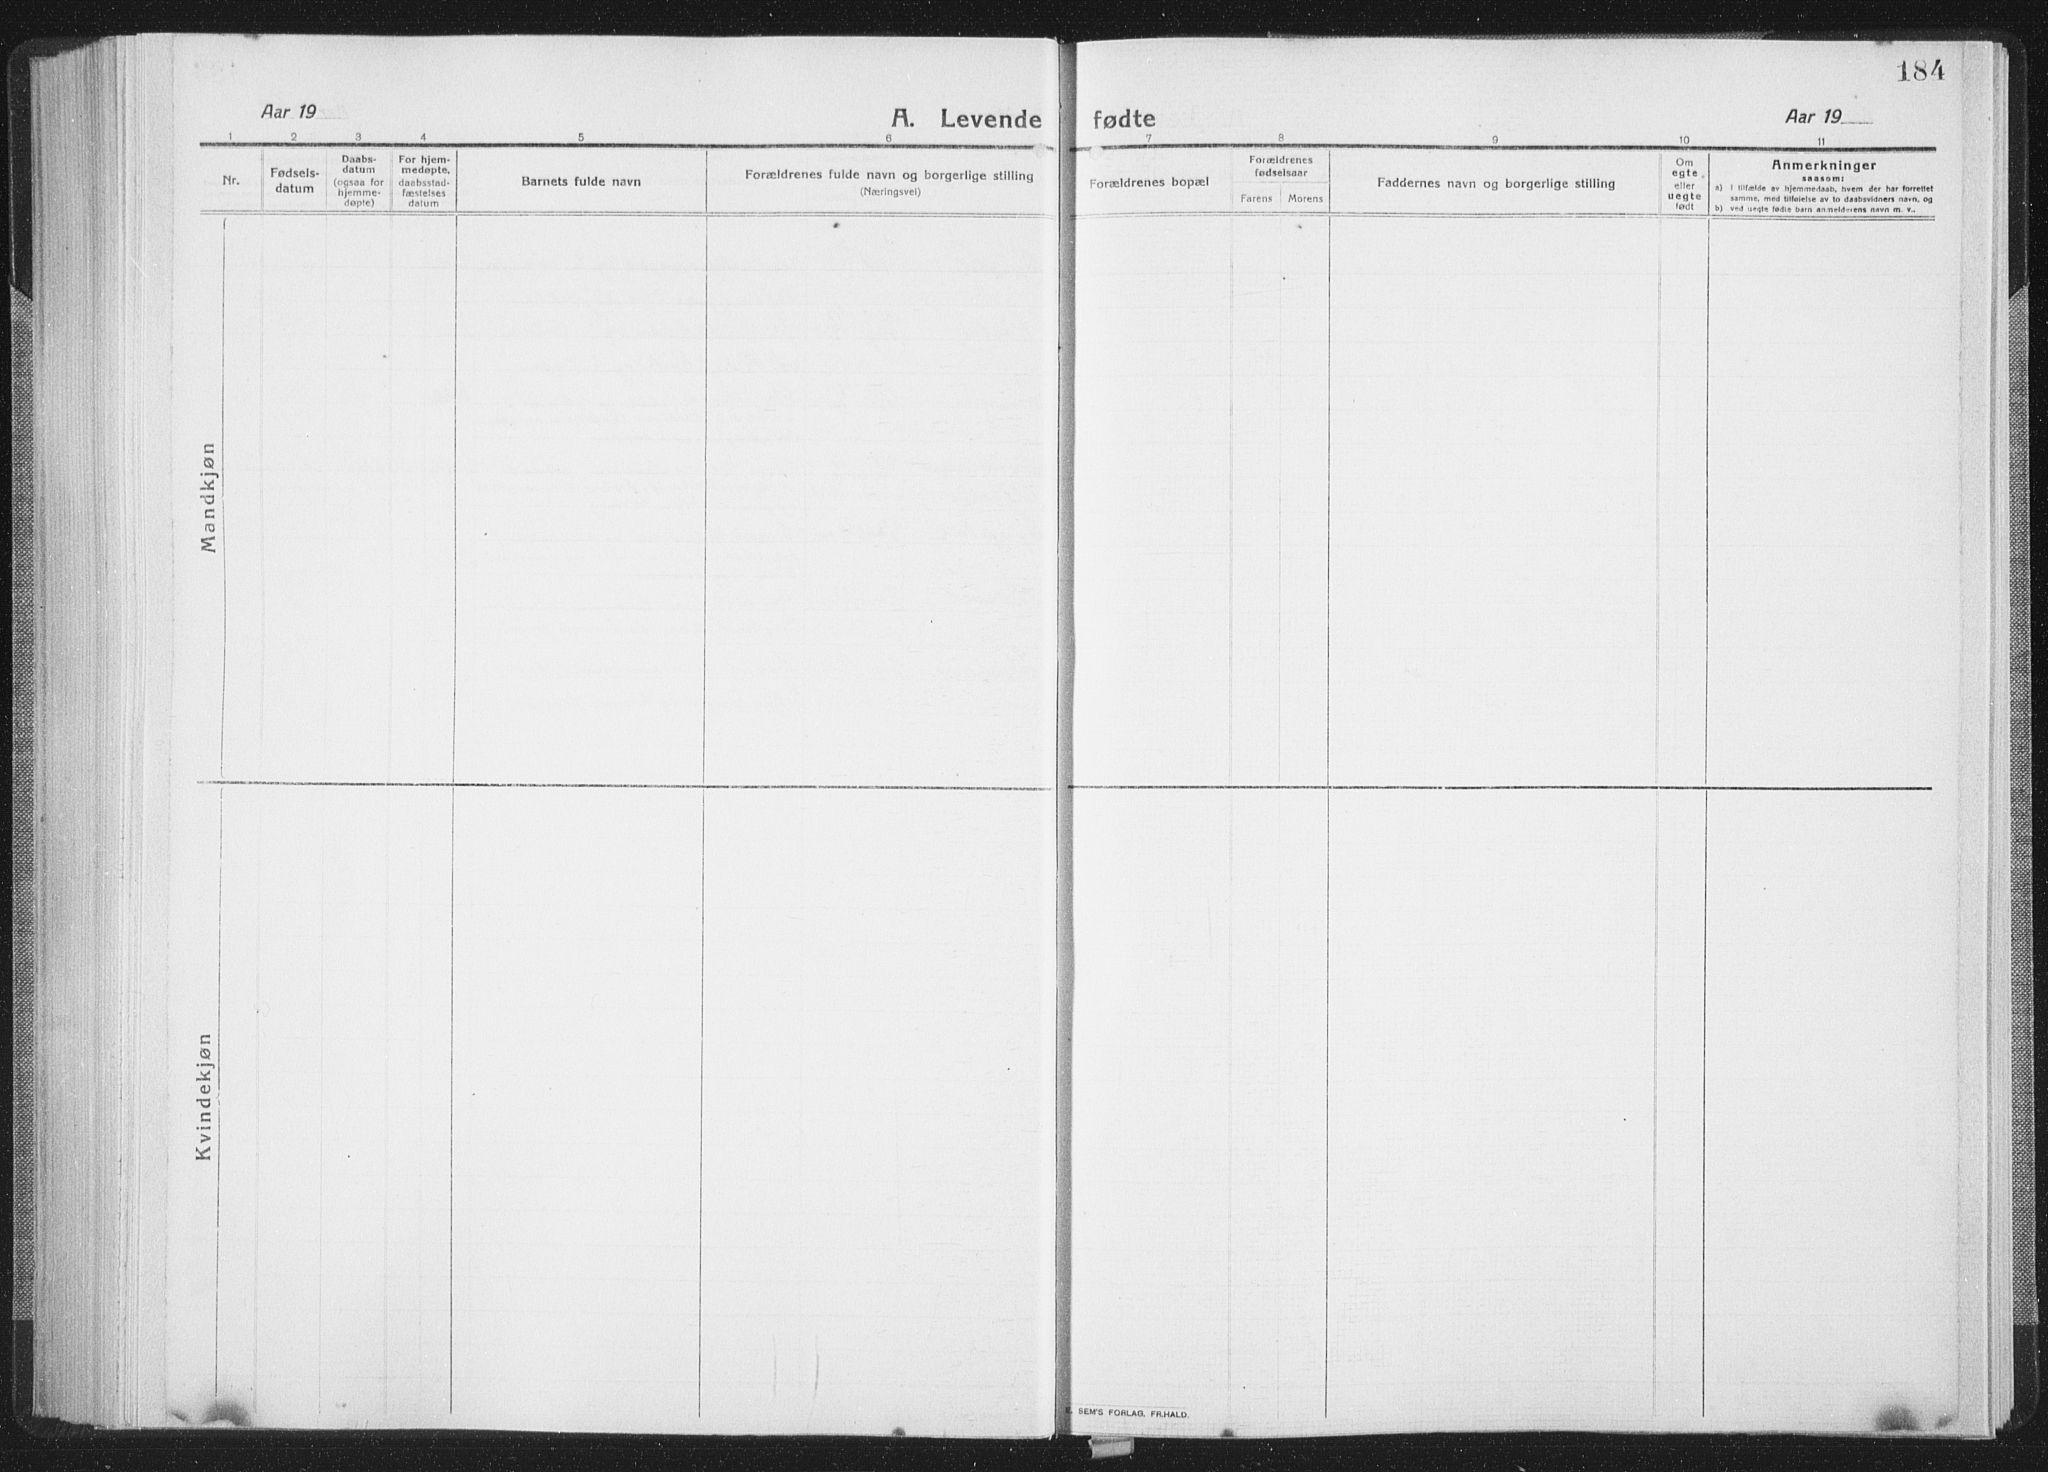 SAT, Ministerialprotokoller, klokkerbøker og fødselsregistre - Sør-Trøndelag, 659/L0747: Klokkerbok nr. 659C04, 1913-1938, s. 184